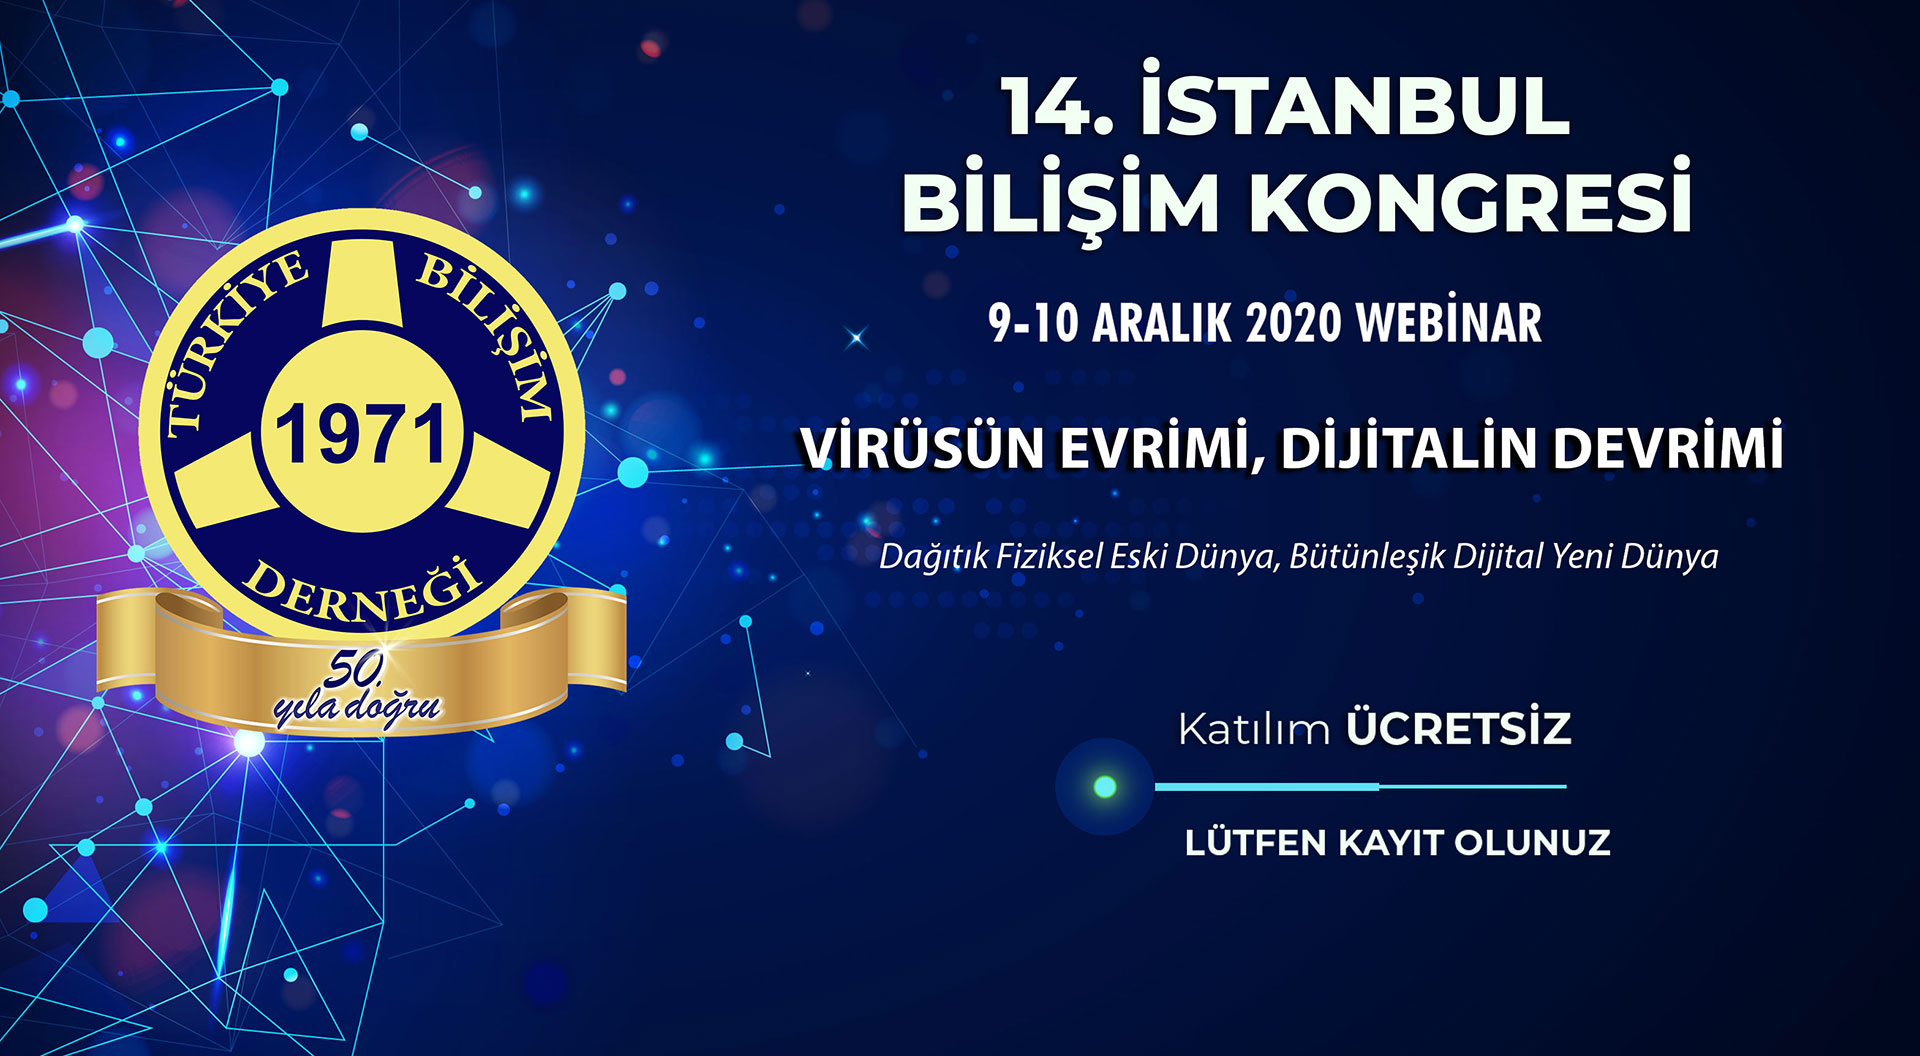 İstanbul Bilişim Kongresi 2020